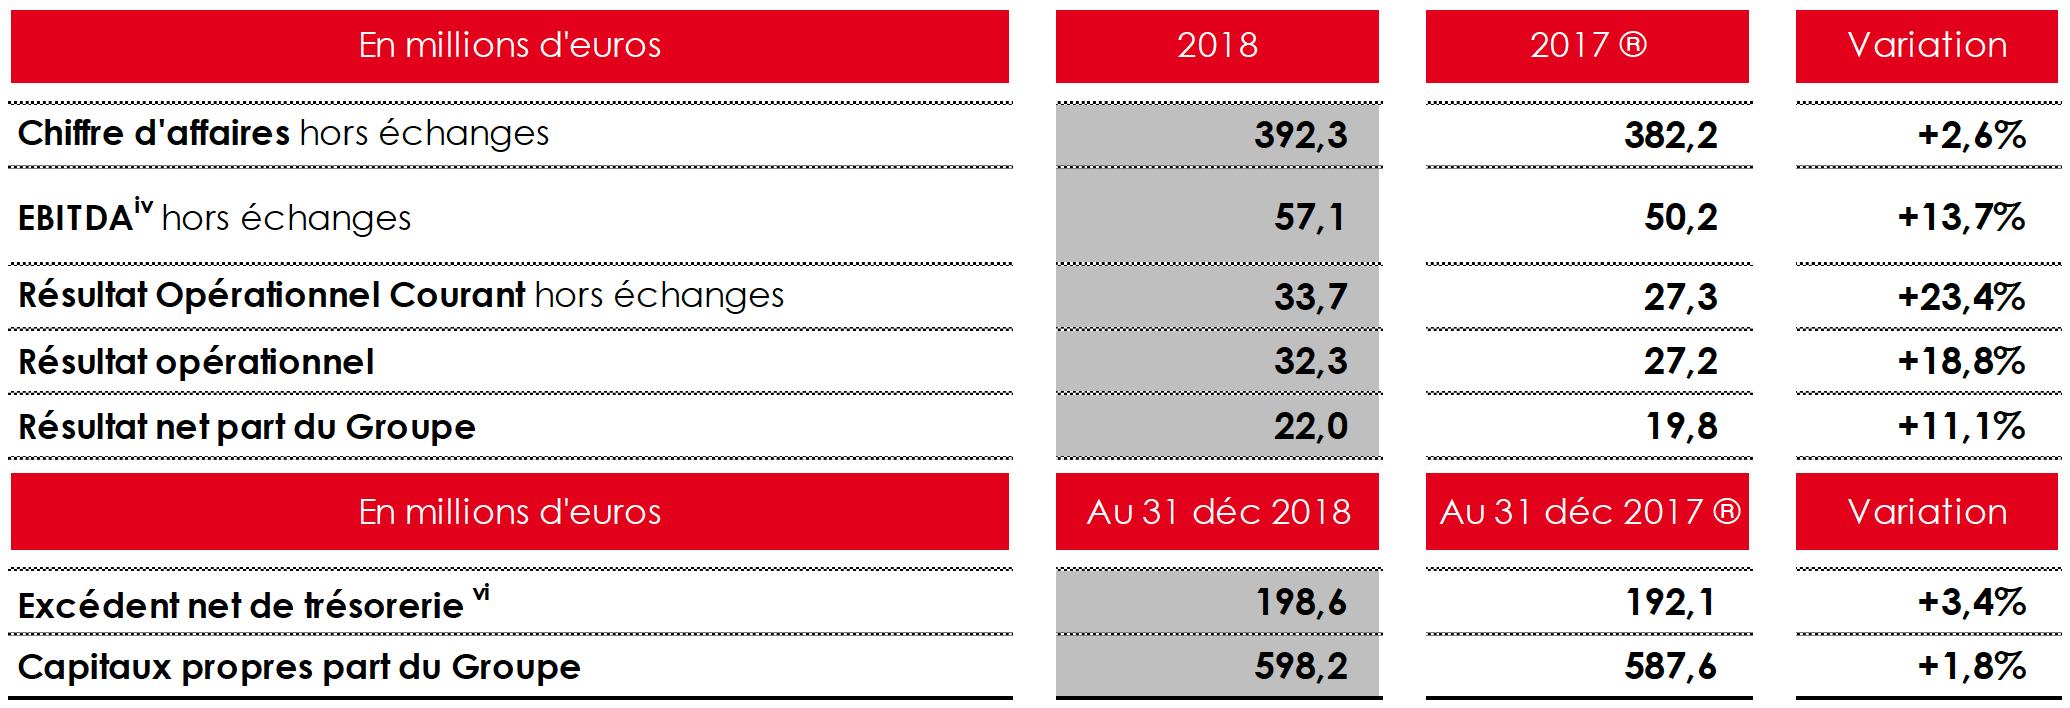 NRJ Group : un chiffre d'affaires consolidé de 392.3 M€